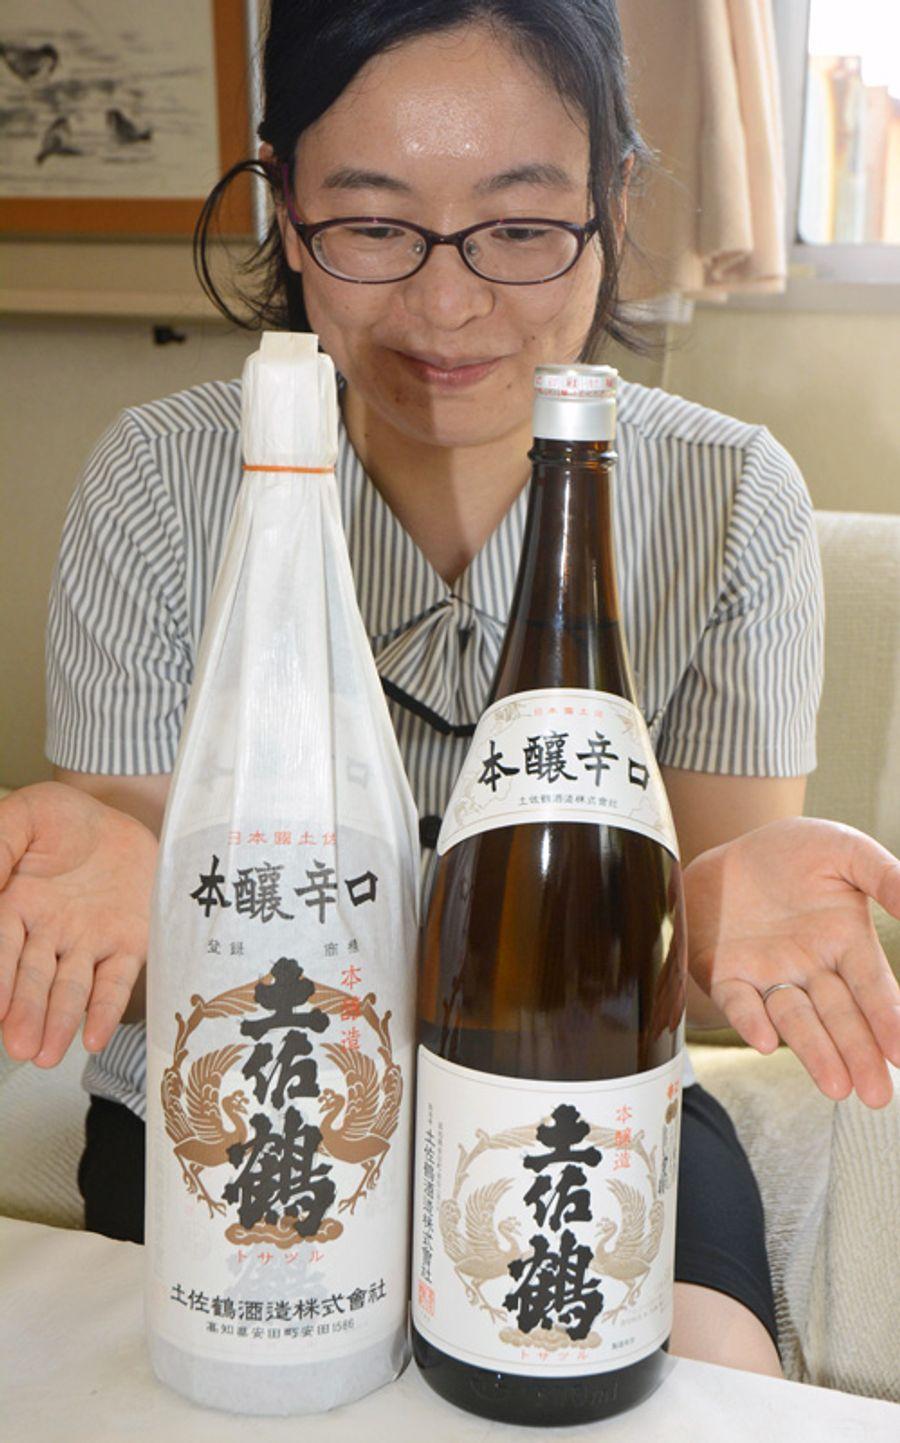 一升瓶の包装紙を廃止した商品=右=に切り替えた(安田町安田の土佐鶴酒造)